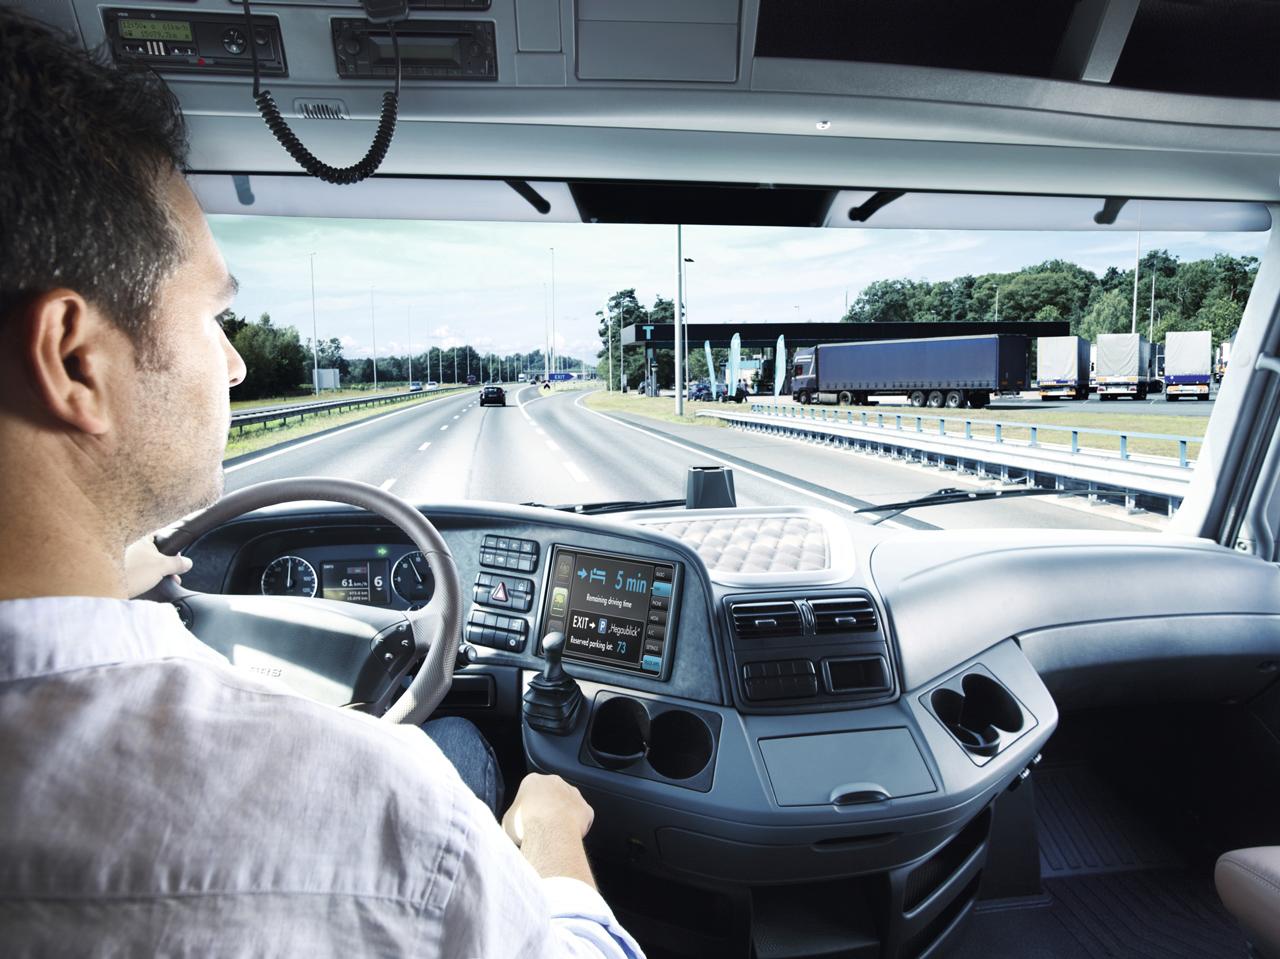 Quante ore può guidare un camionista?